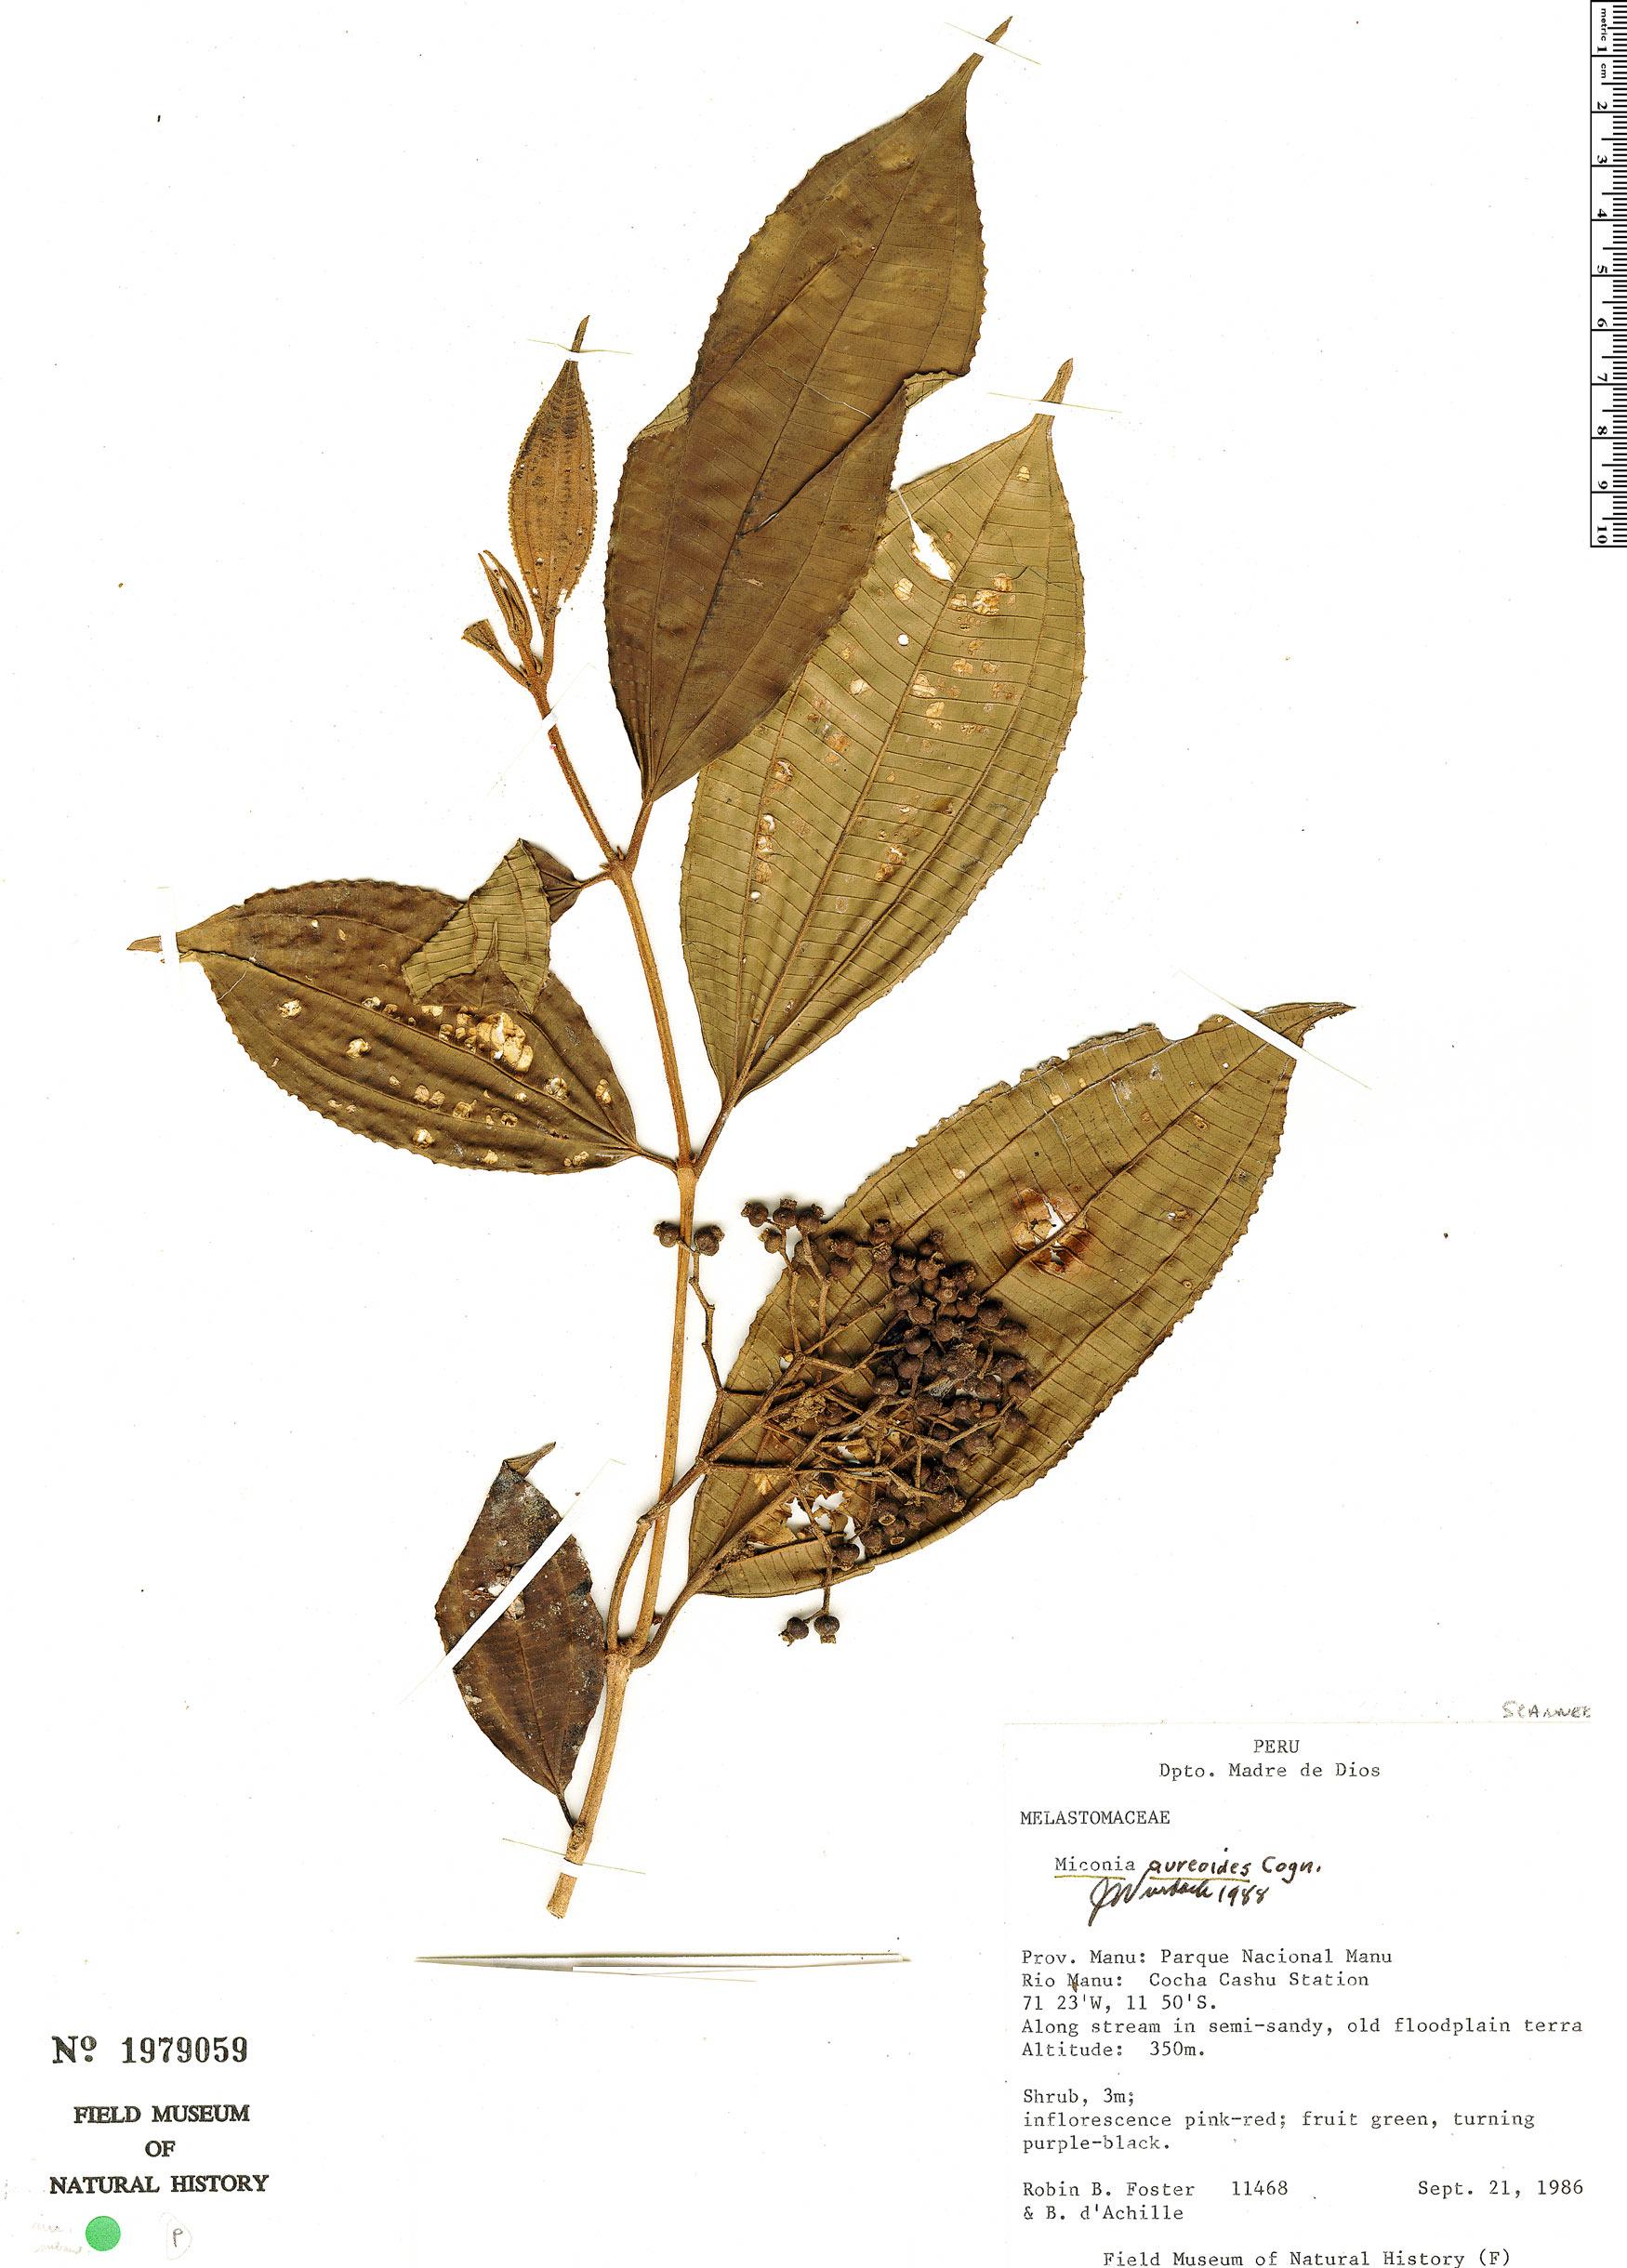 Specimen: Miconia aureoides